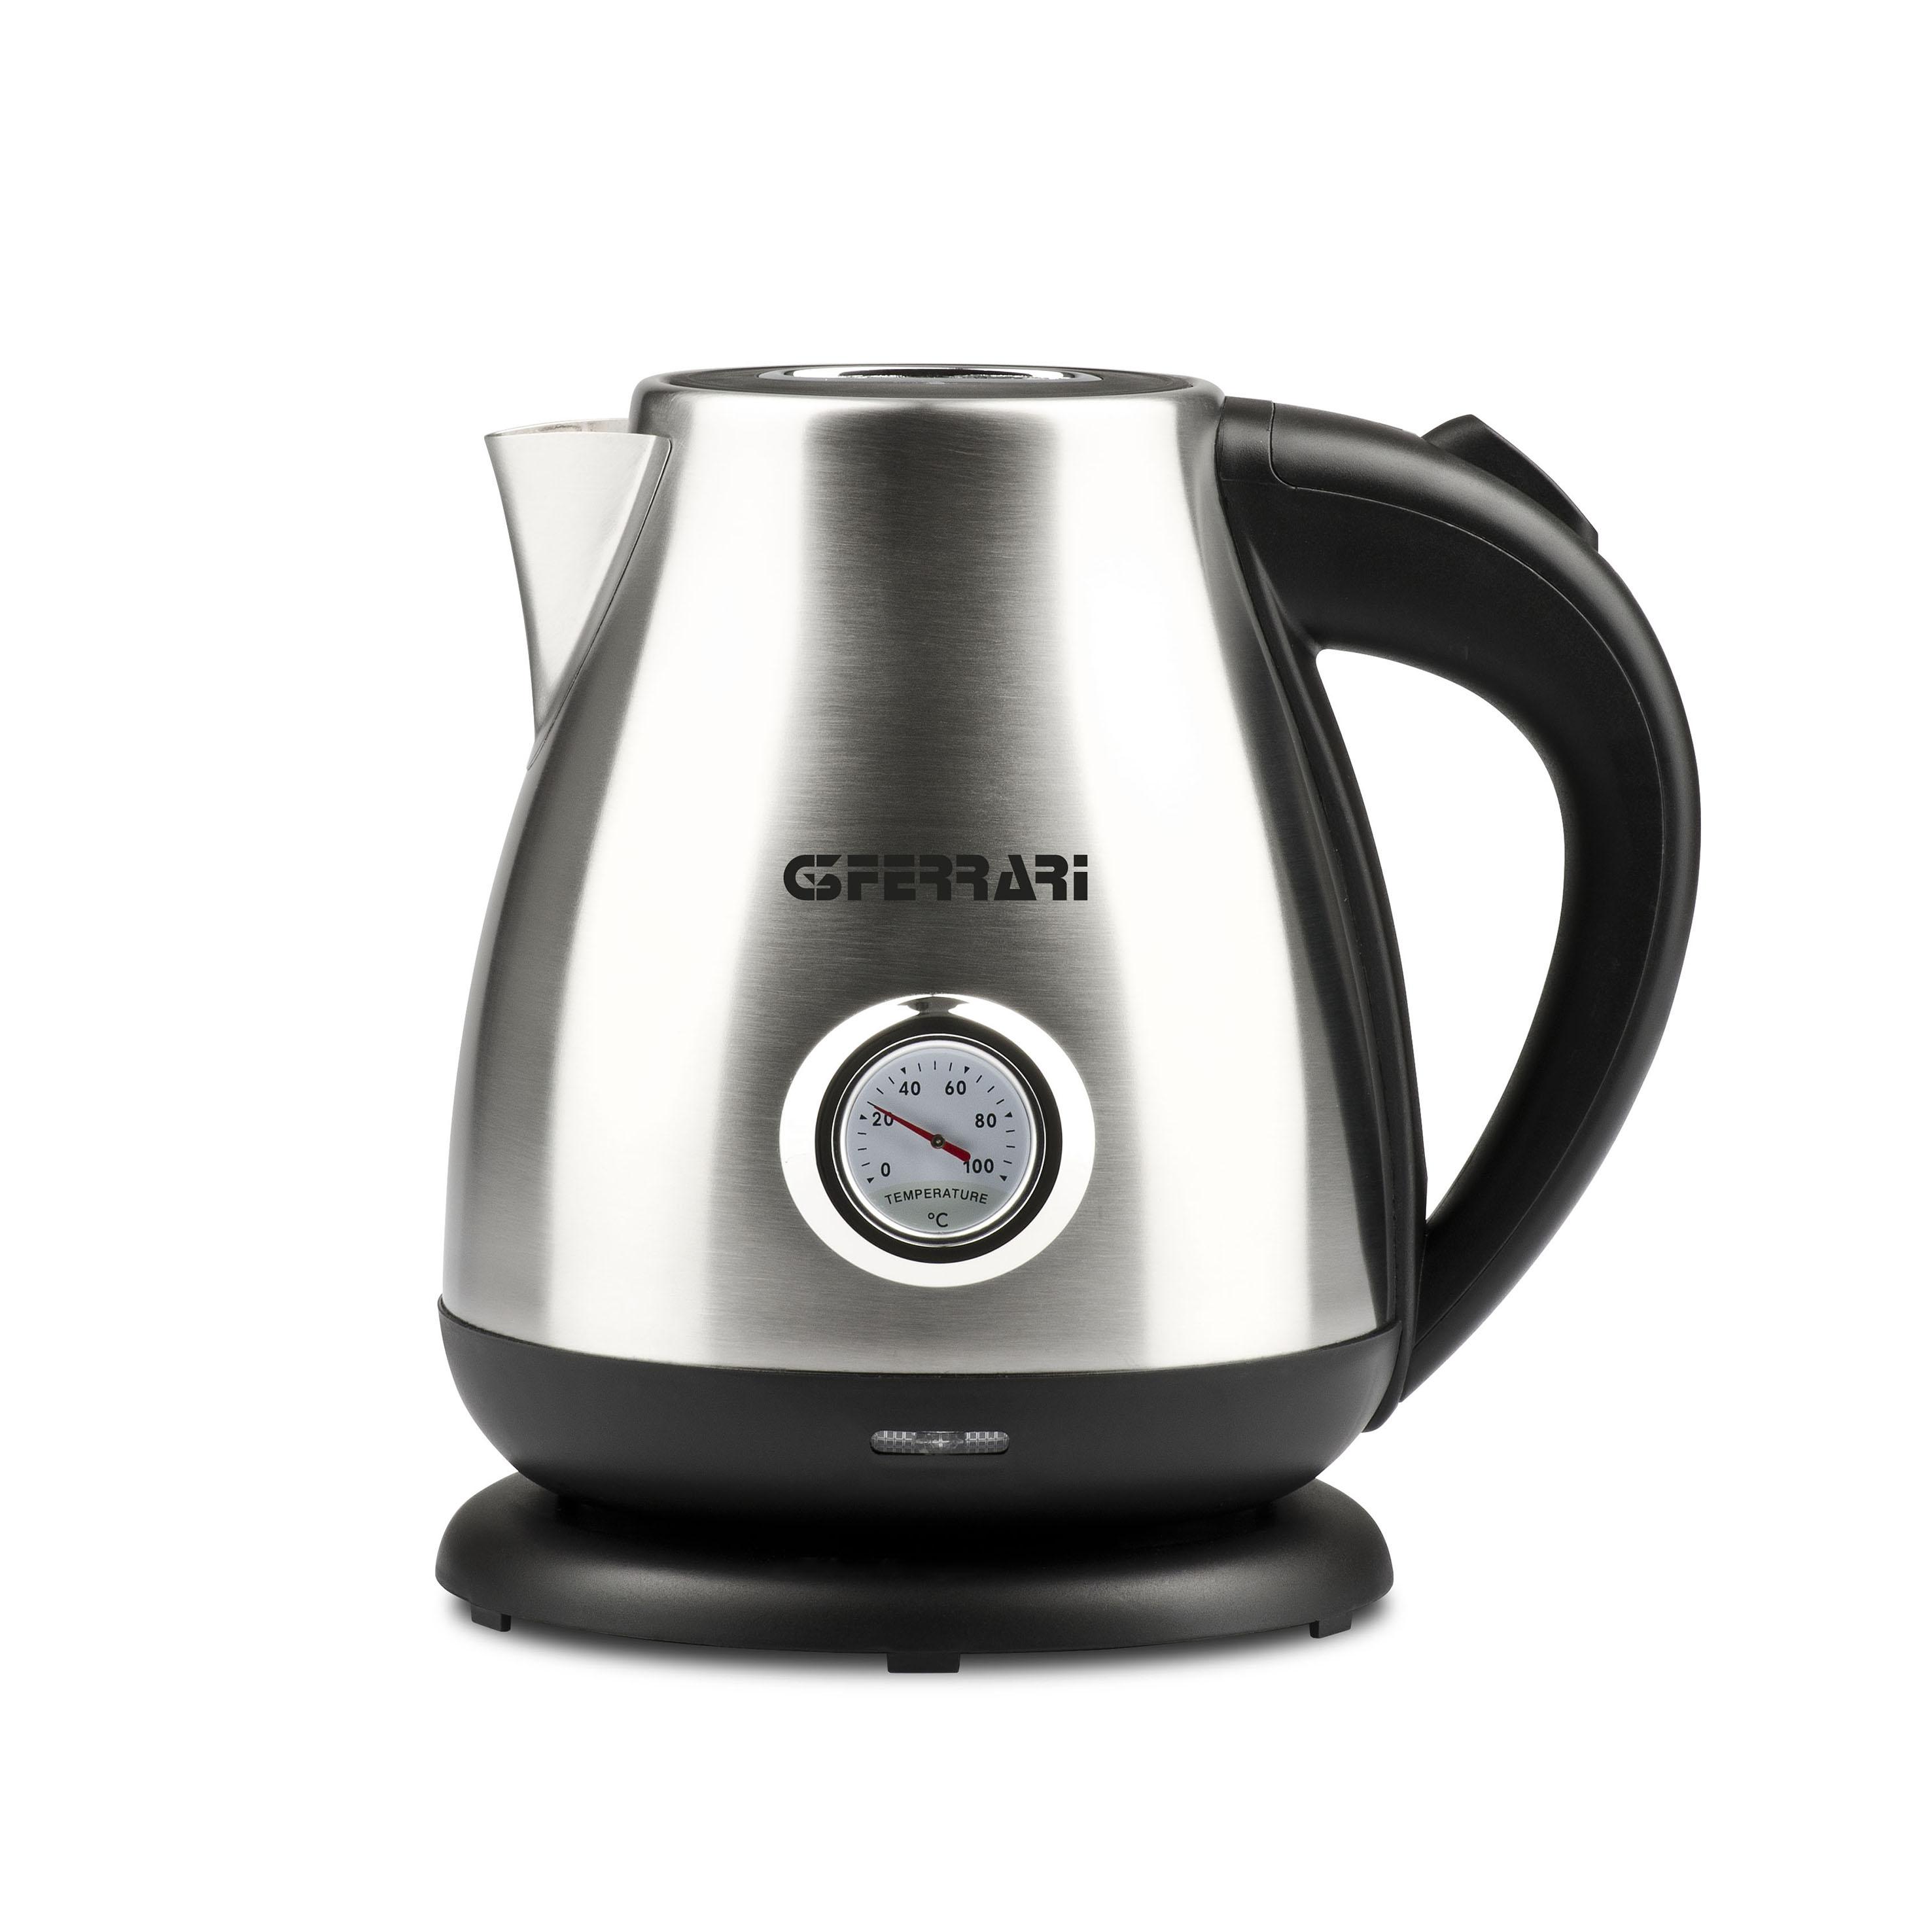 G1009600, Rapido, kettle, 1,7L, 2200W, silver